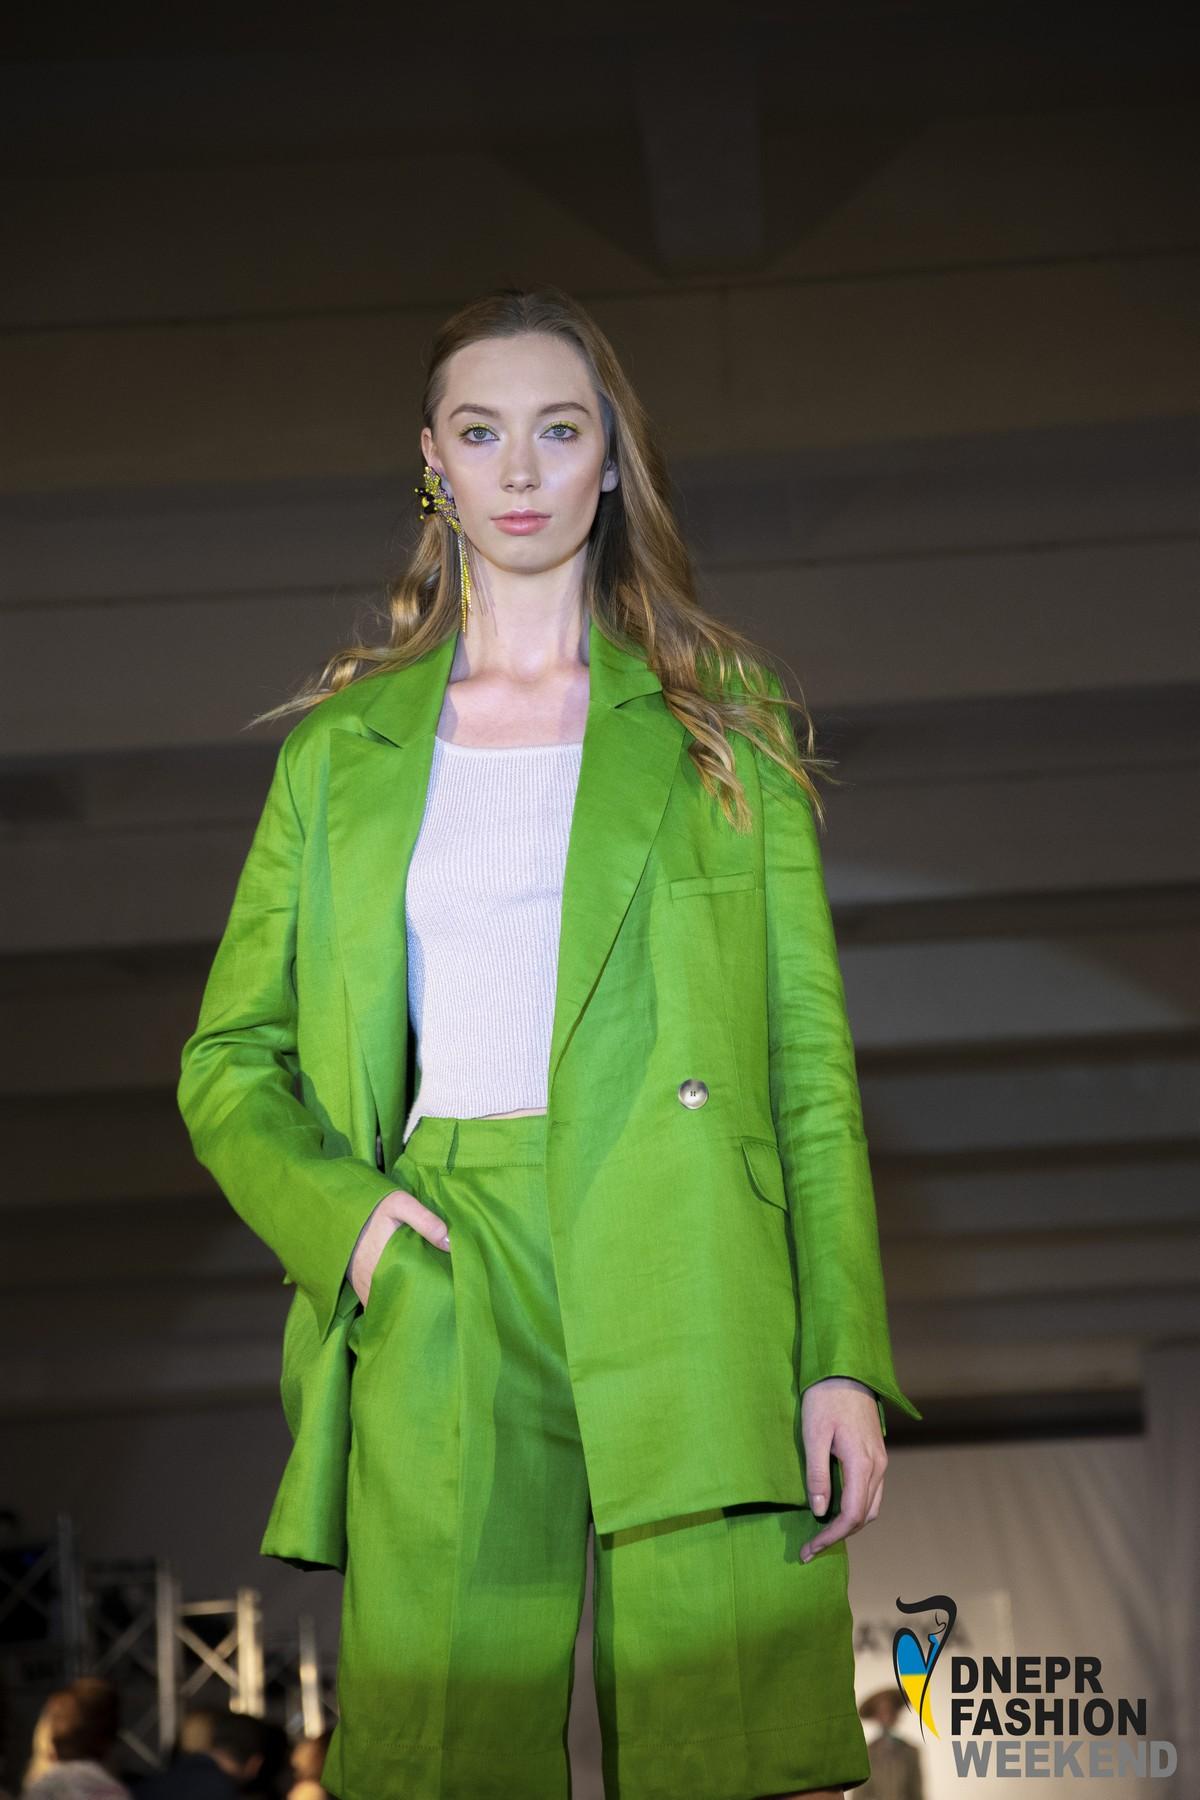 SAYYA -Хроники Dnepr Fashion Weekend как прошли три дня модного мероприятия